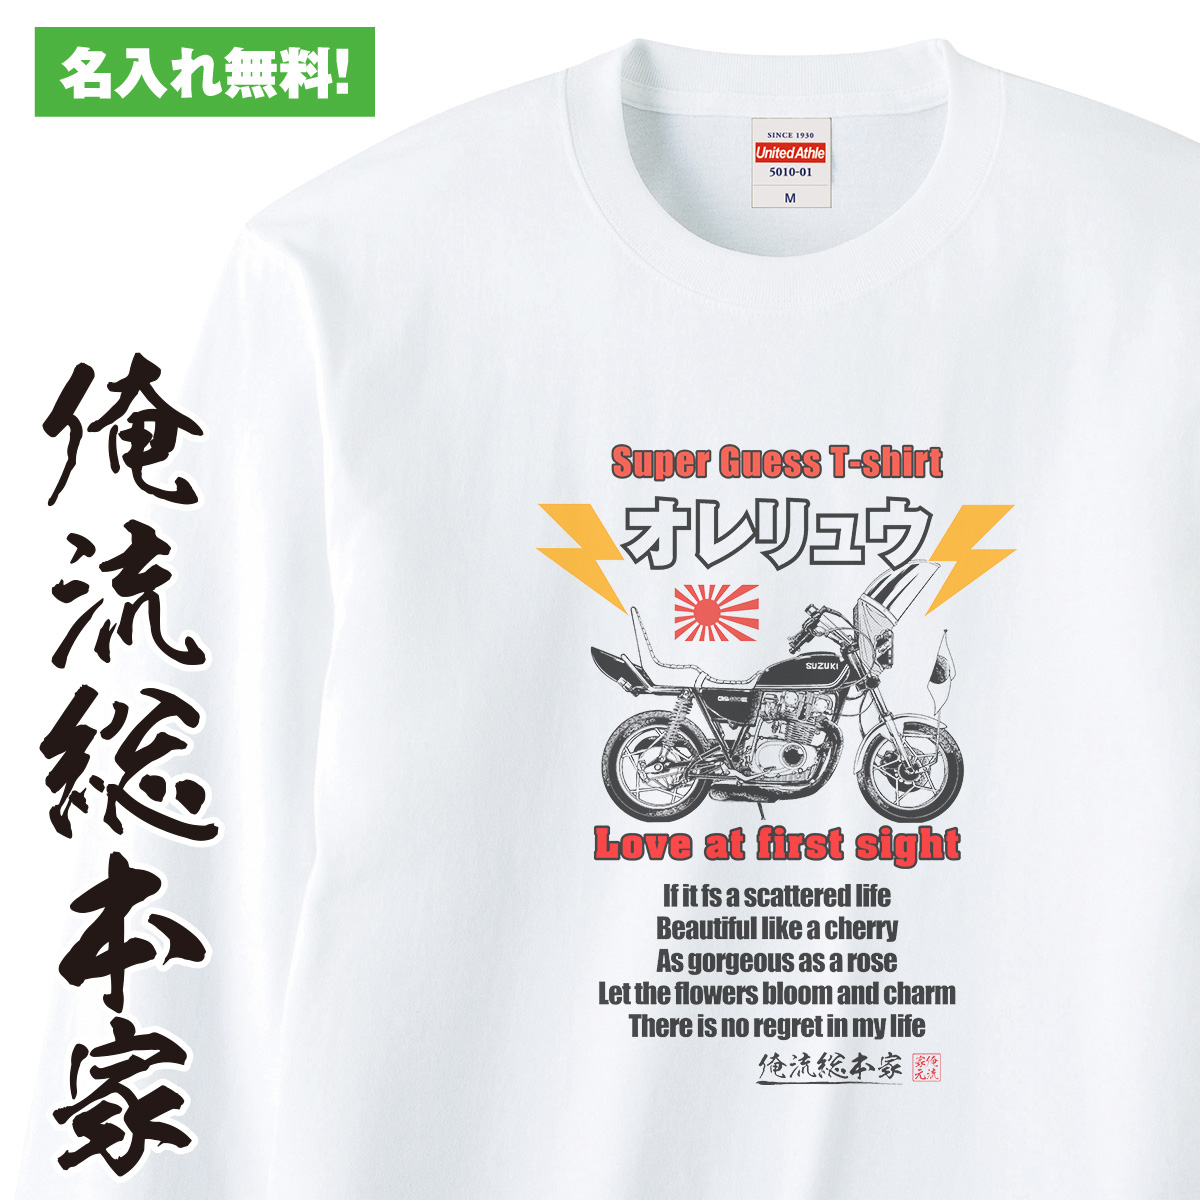 【 誕生日や記念日には名前入りのプレゼント! 】 オリジナルの名入れtシャツが1枚から作れる バイク GS400E【誕生日や記念品のオリジナル プレゼントに最適!オリジナルグッズが1個から作成!オリジナルtシャツ オリジナル トップス】